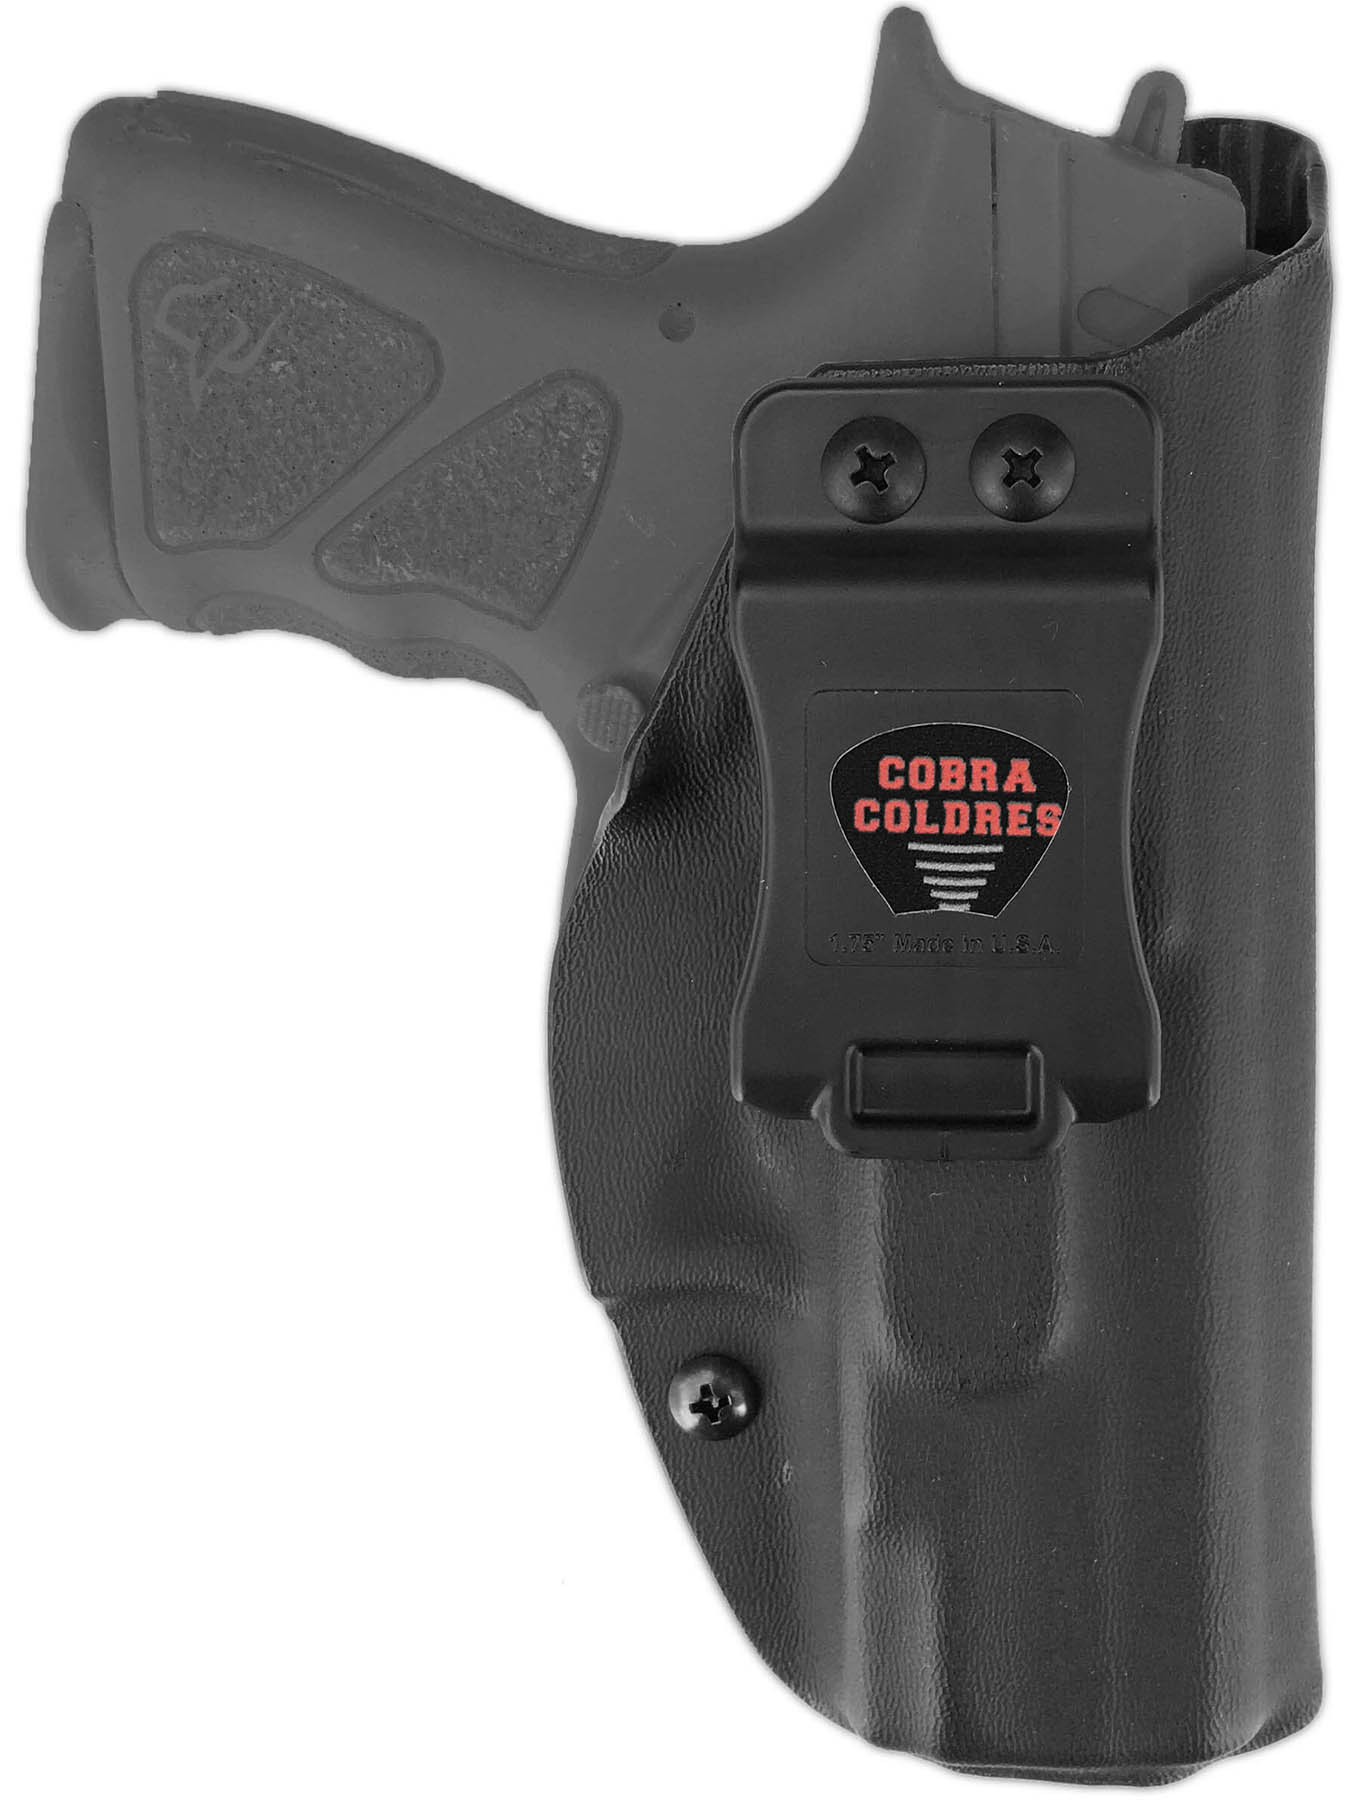 Coldre Slim THc TH9c TH40c PT838c PT809c Compacta Taurus Saque Rápido Velado Kydex® 080